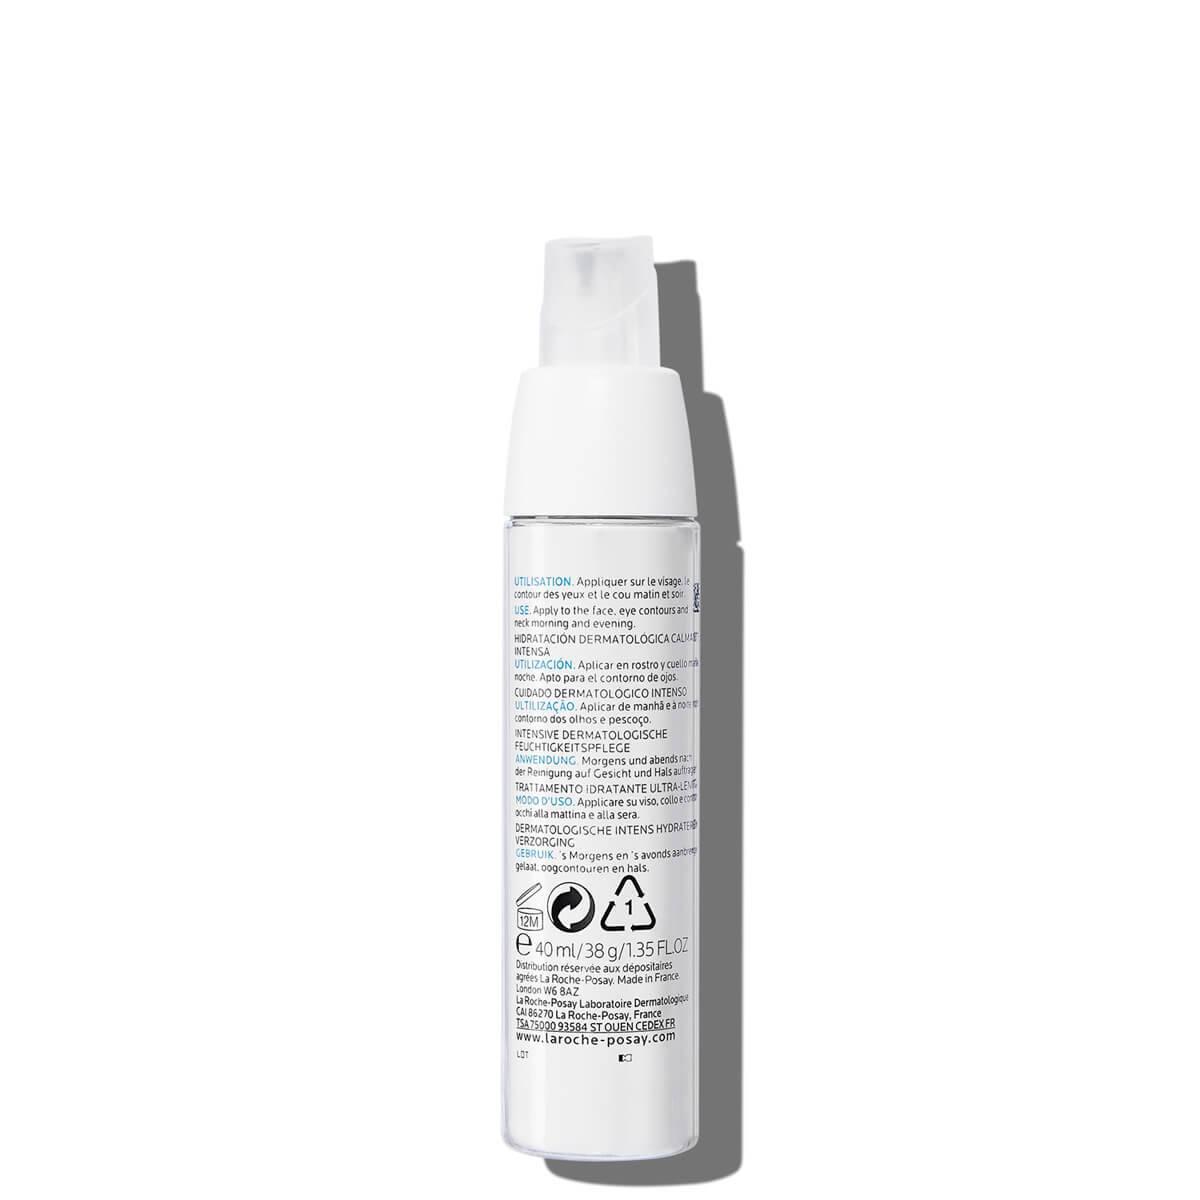 La Roche Posay TermékOldal Érzékeny Allergiára Hajlamos Bőr Toleriane Ultra 40ml 333